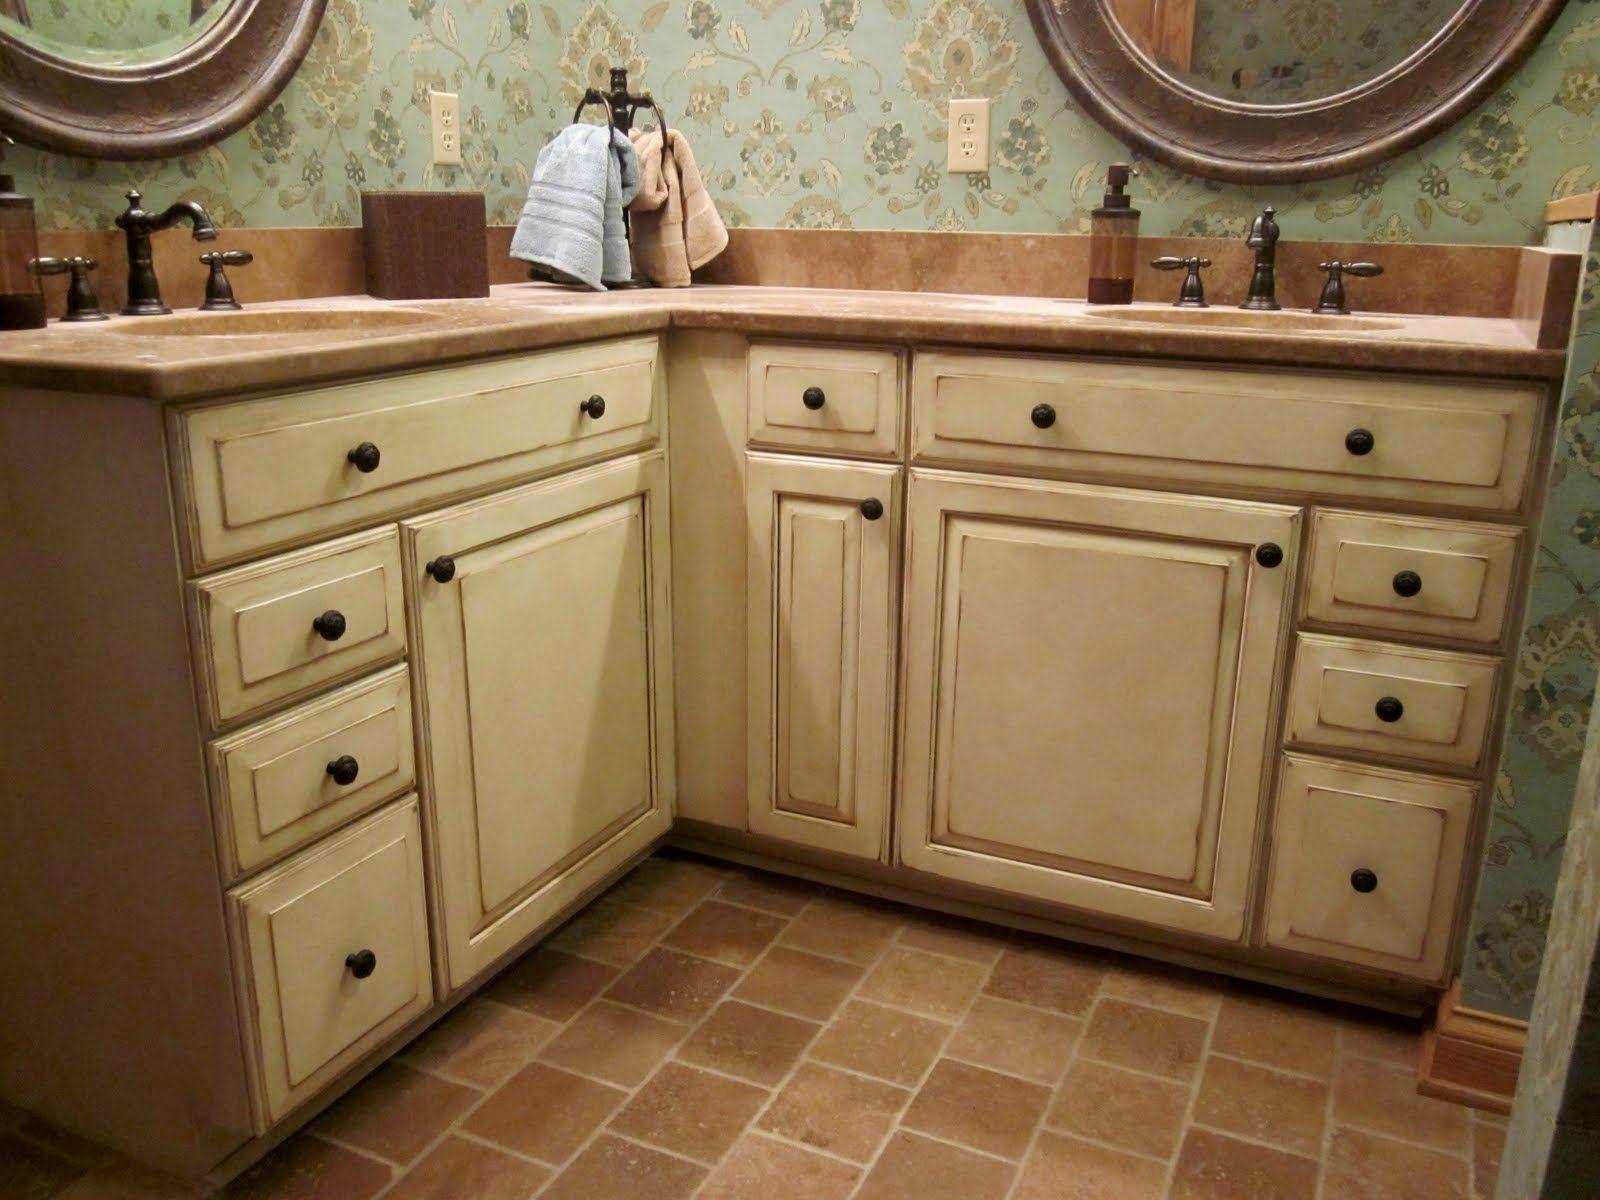 Cream kitchen cabinets with antique glaze